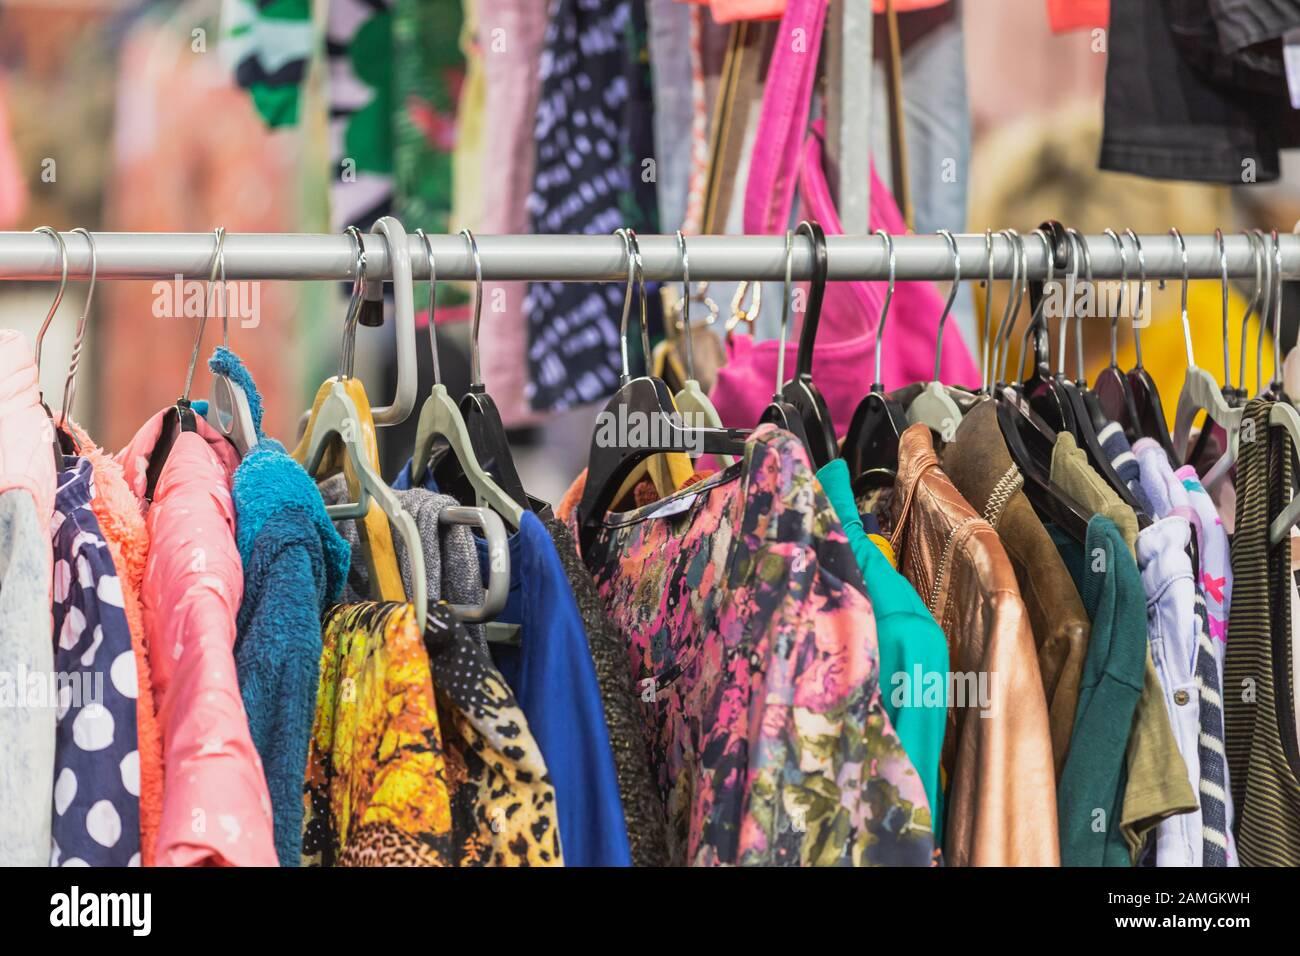 Ropa de época colgando en la percha de la ropa en un carril Foto de stock